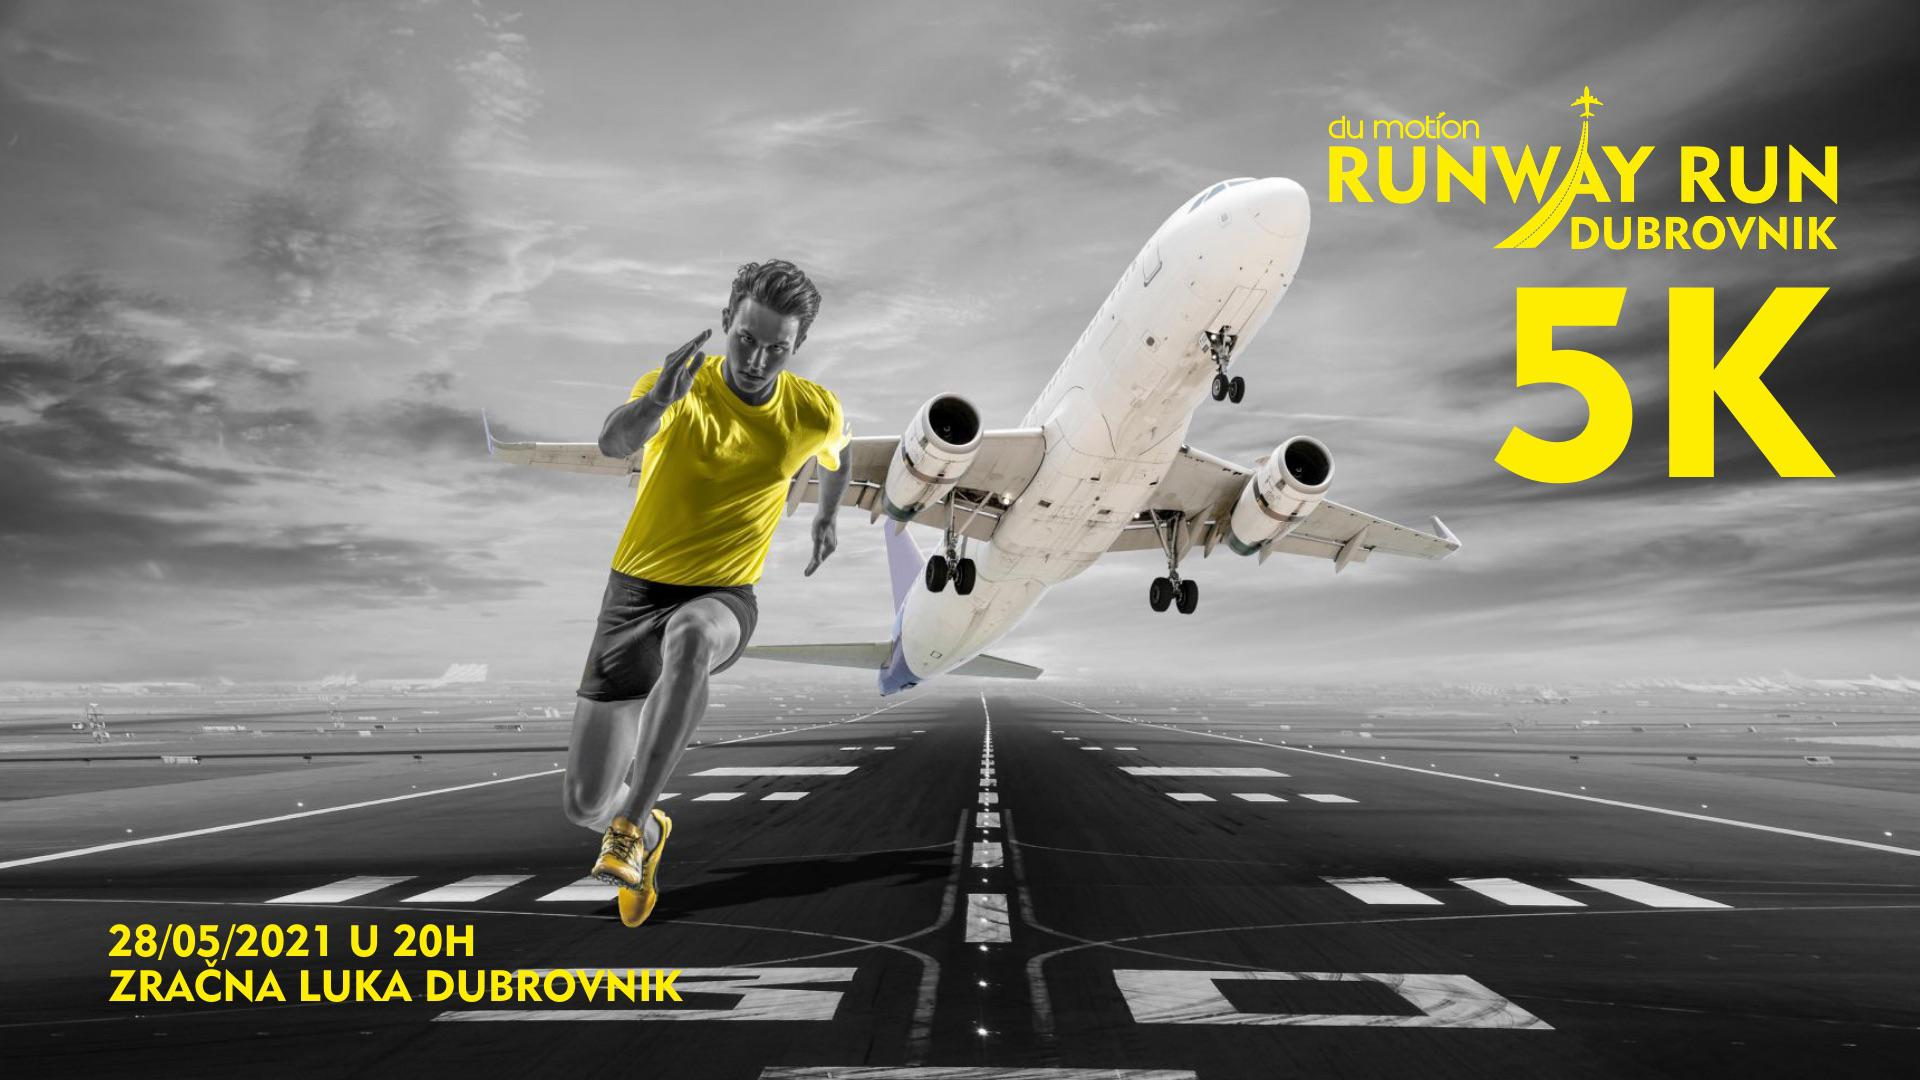 TRČANJE SE VRAĆA U DUBROVNIK: Du Motion organizira utrku na dubrovačkom aerodromu